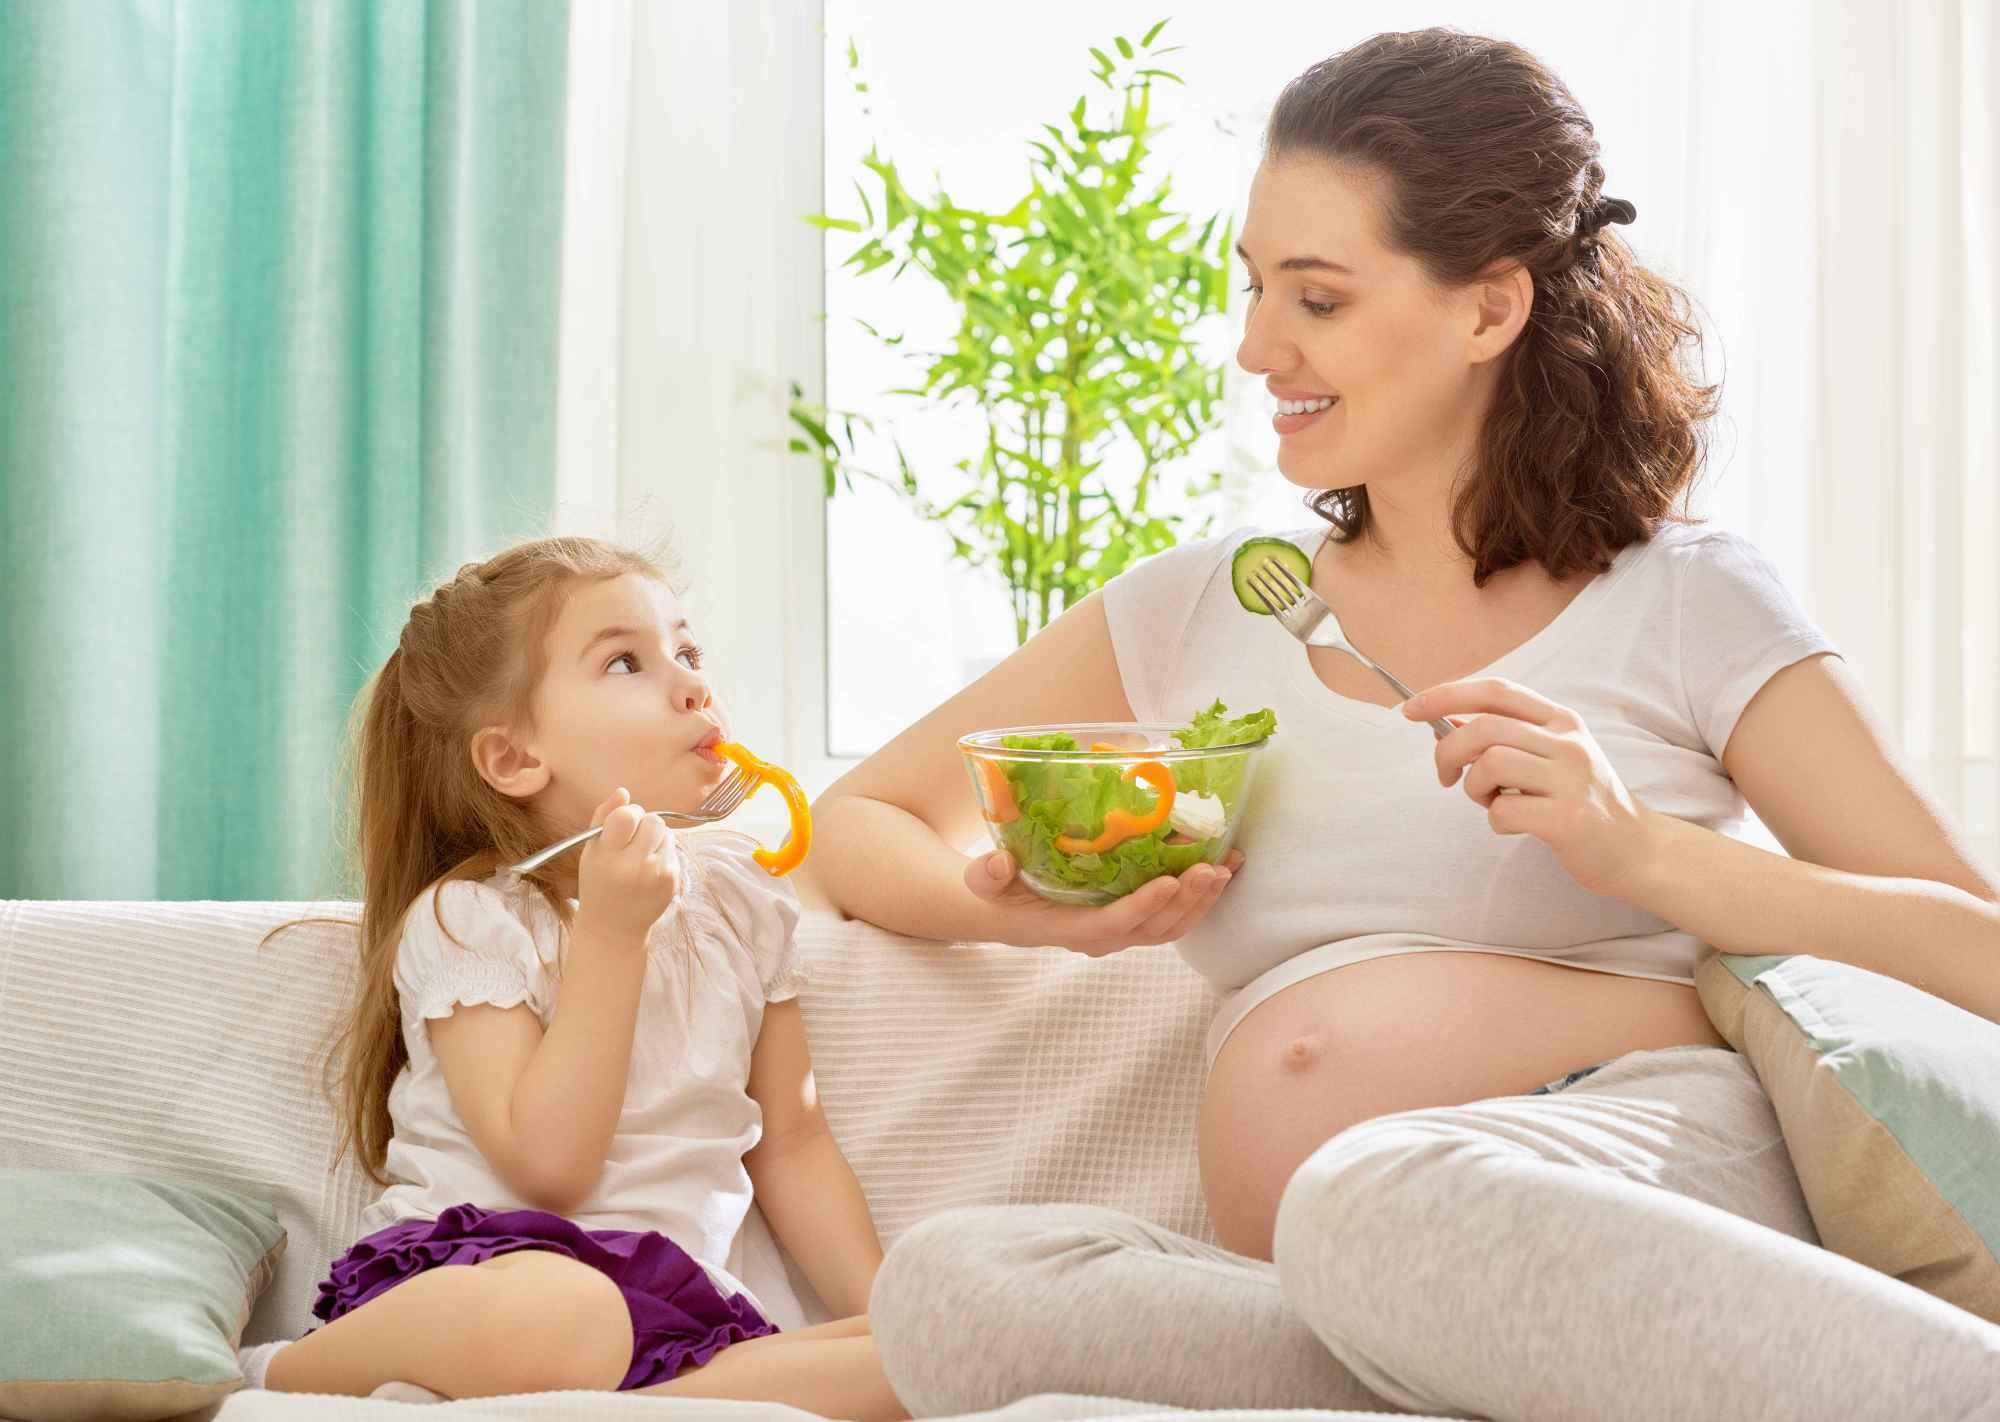 胎儿饿了,孕妈有俩明显感觉,及时补对营养,以防发育跟不上  第6张